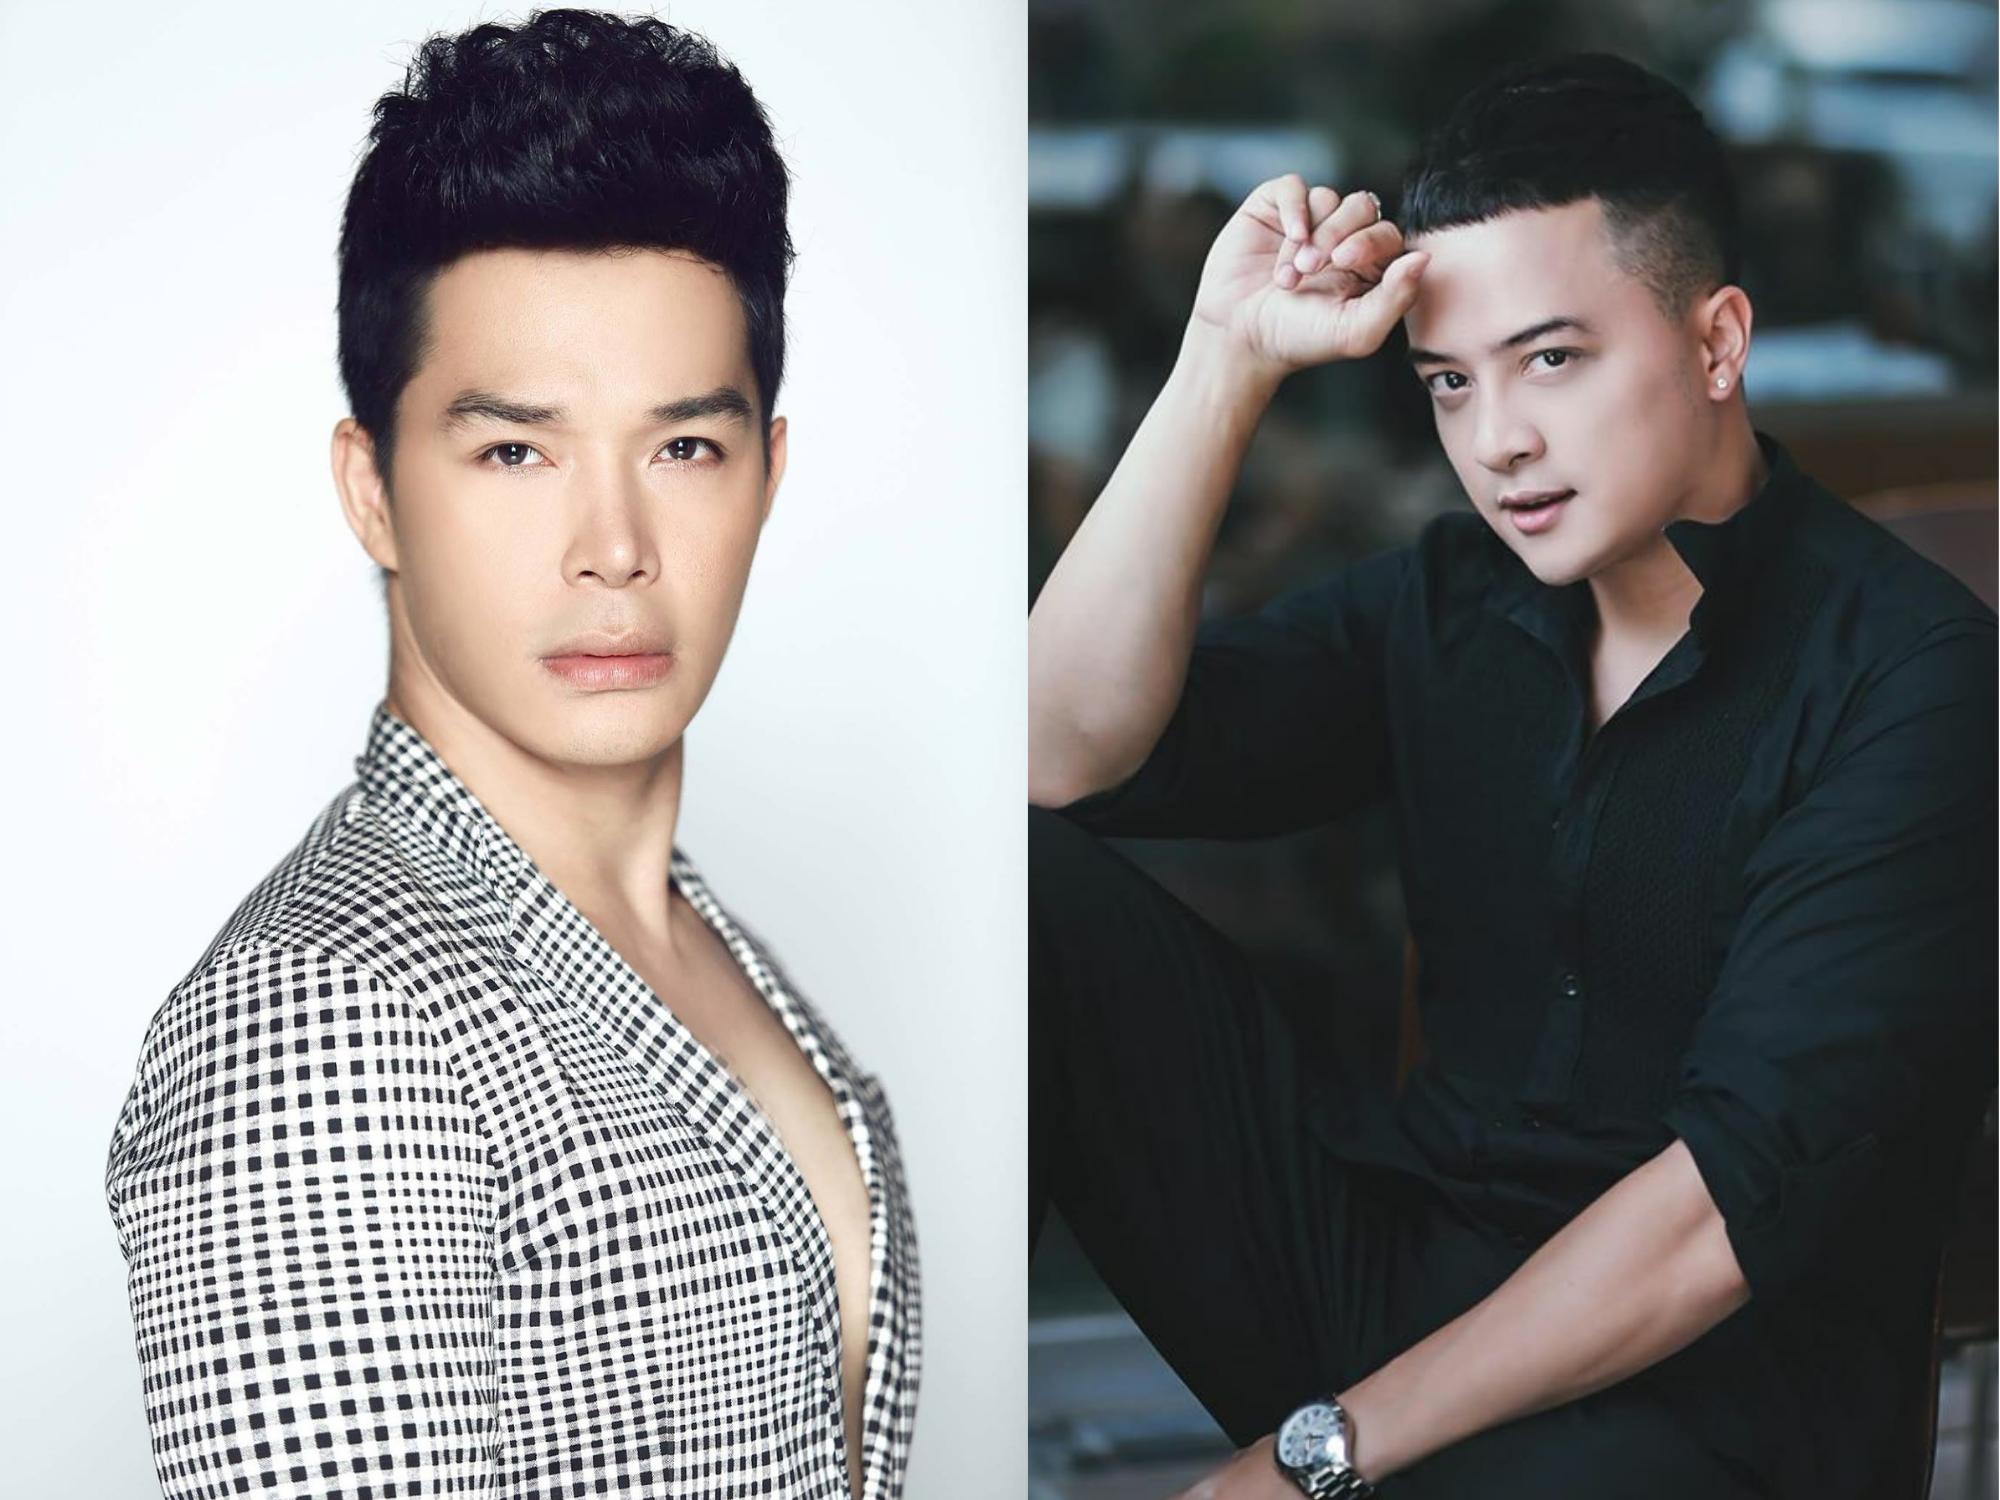 Sốc óc trước độ 'chịu chơi' của Nathan Lee khi mua độc quyền loạt hit của Nguyễn Văn Chung để Cao Thái Sơn 'nghỉ hát'?